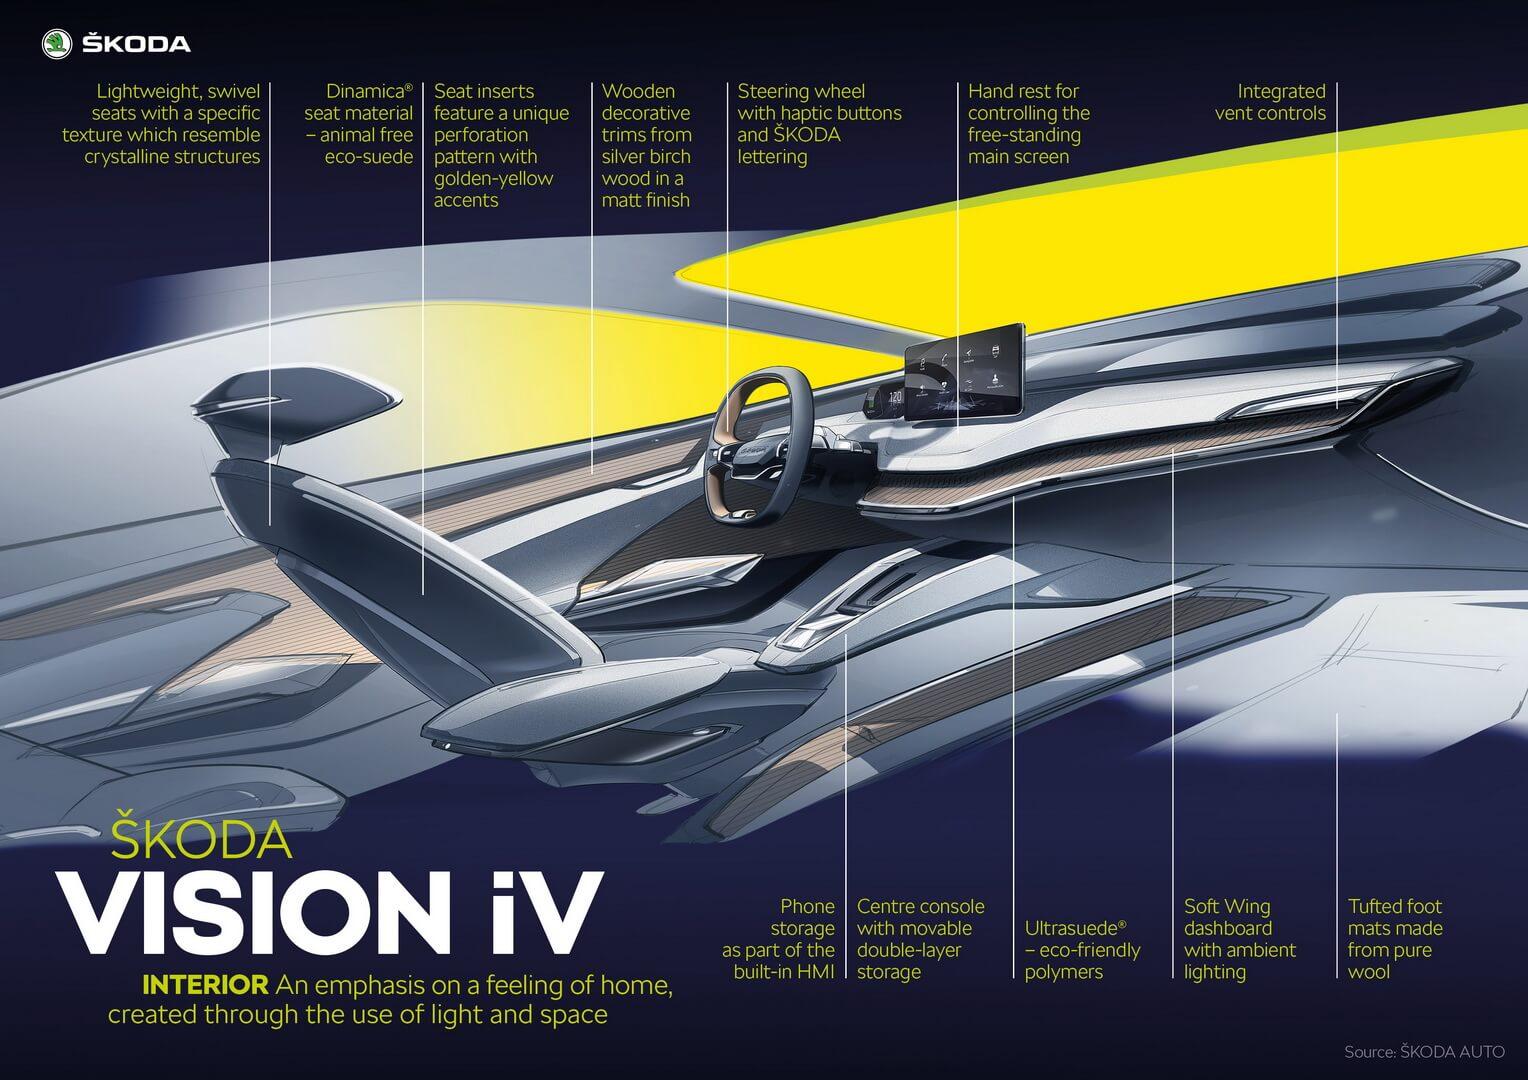 Описание элементов интерьера Skoda VISIONiV